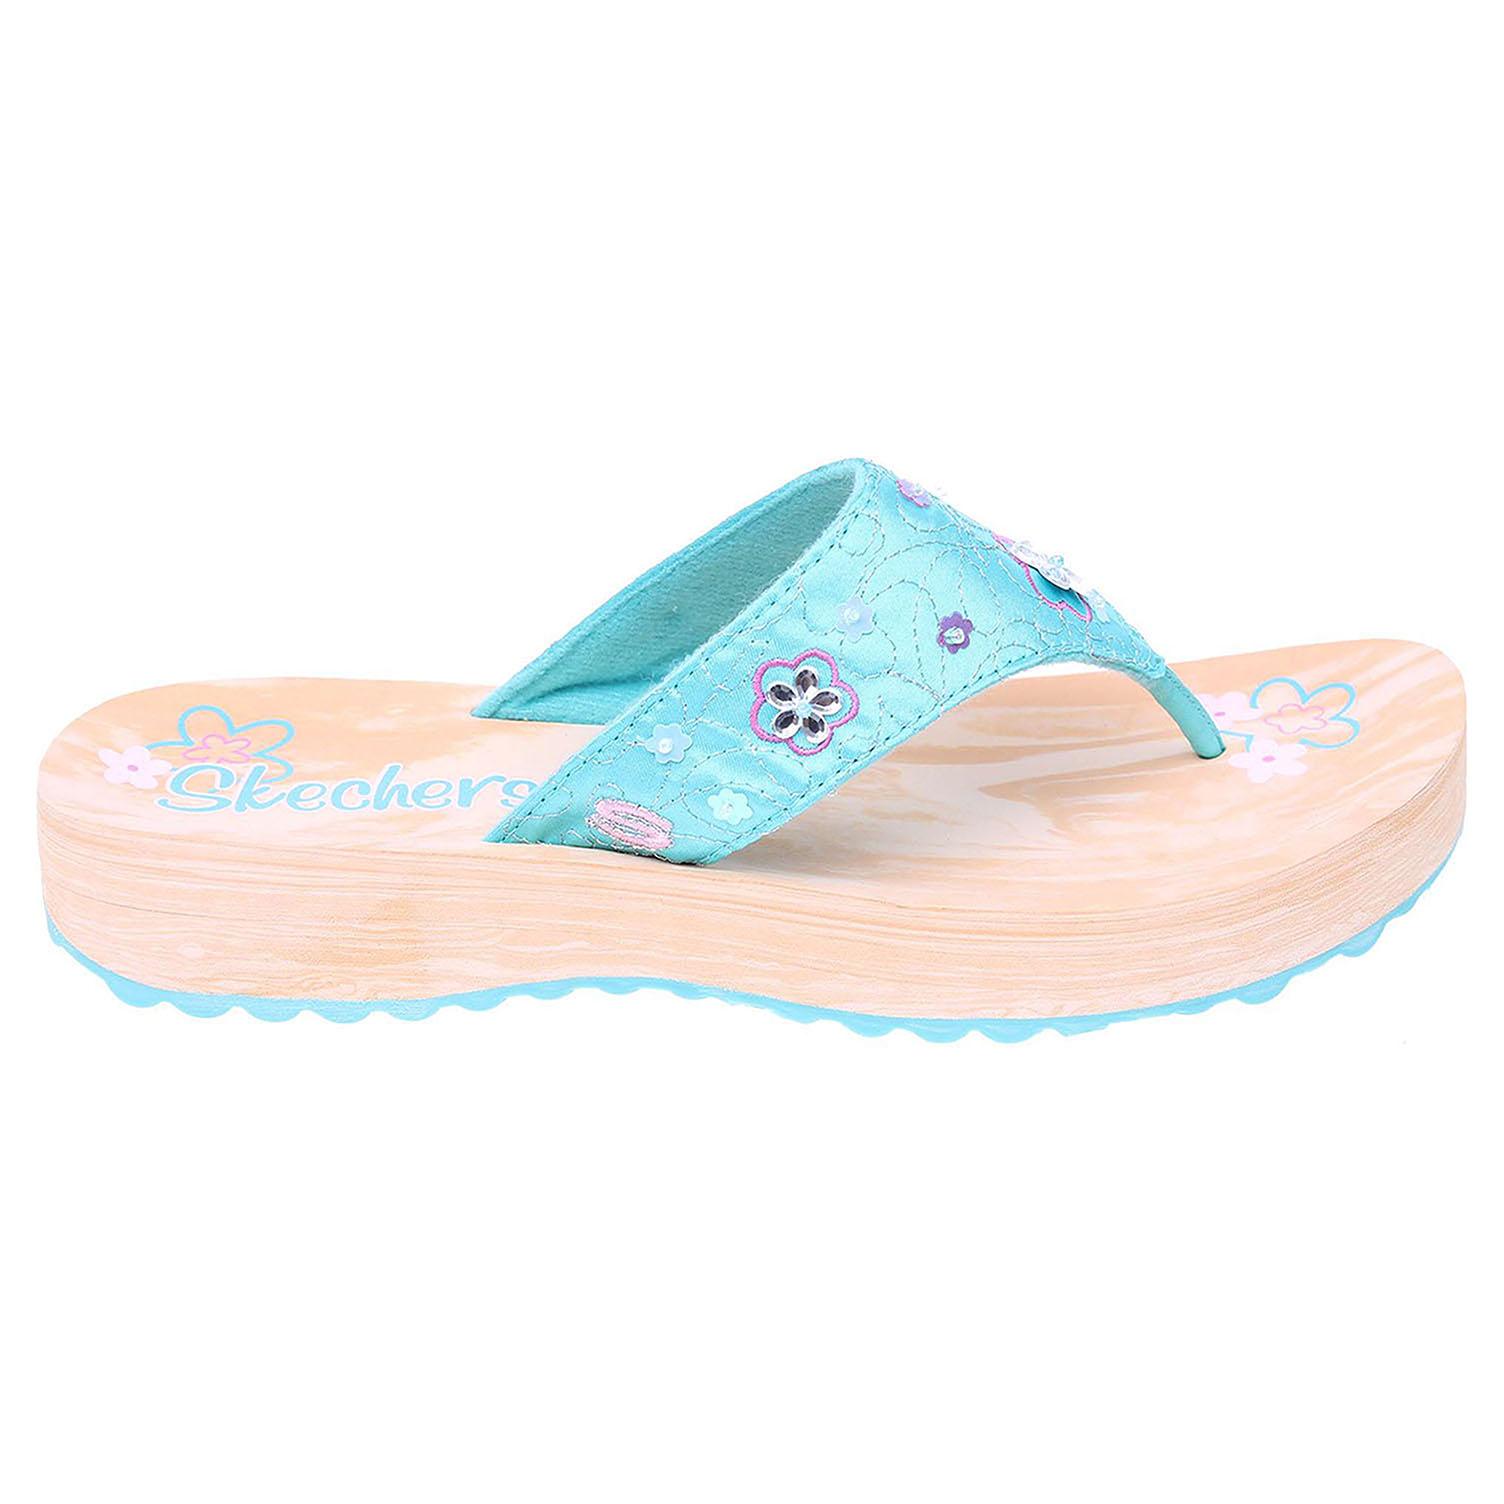 Skechers Coronet turquoise 28